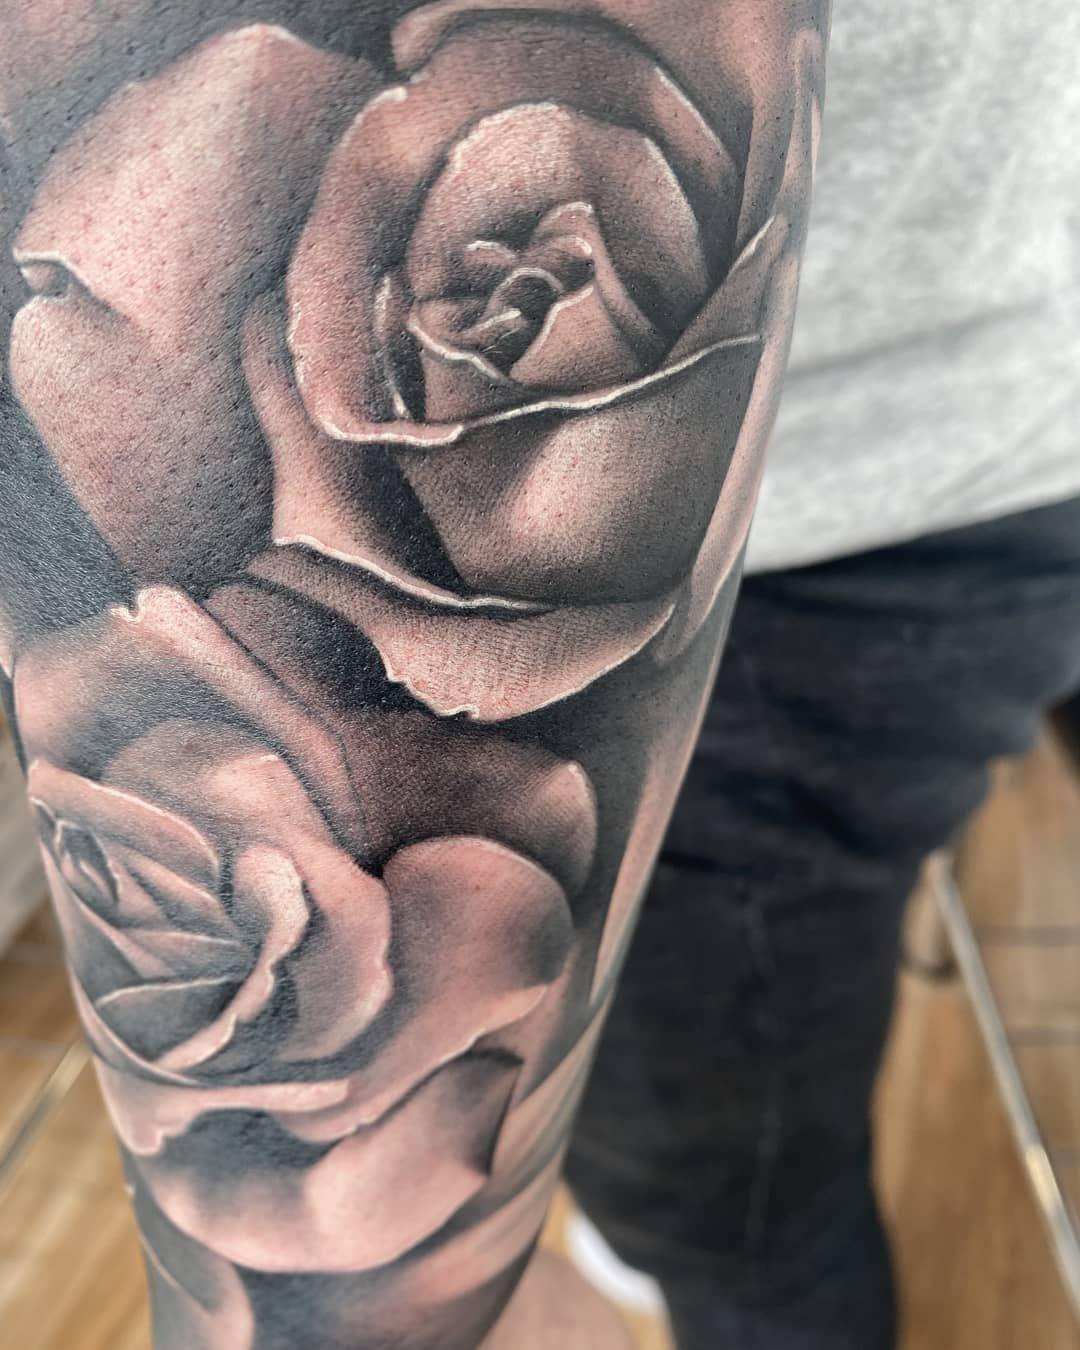 Tattoo de antes del confinamiento, se me olvidó colgarlo.... Hecho en @momtattoostudio  Muchas gracias @_aperez11_ por volver a confiar en mi🙌😉 #tattoo #tattoorose #rosetattoo #tattooblackandgrey #blackandgreytattoos #blackandgrey #realismart #realistictattoos #realisticink #realistictattoo #realimart #tattooroserealistic #tattoorealist #tattoorealism #tattoorealista #tattoorealism #tattoobarcelona #barcelonatattoos #barcelonatattooartist #barcelonatattoo #tattooterrassa #terrassatattoos #terr